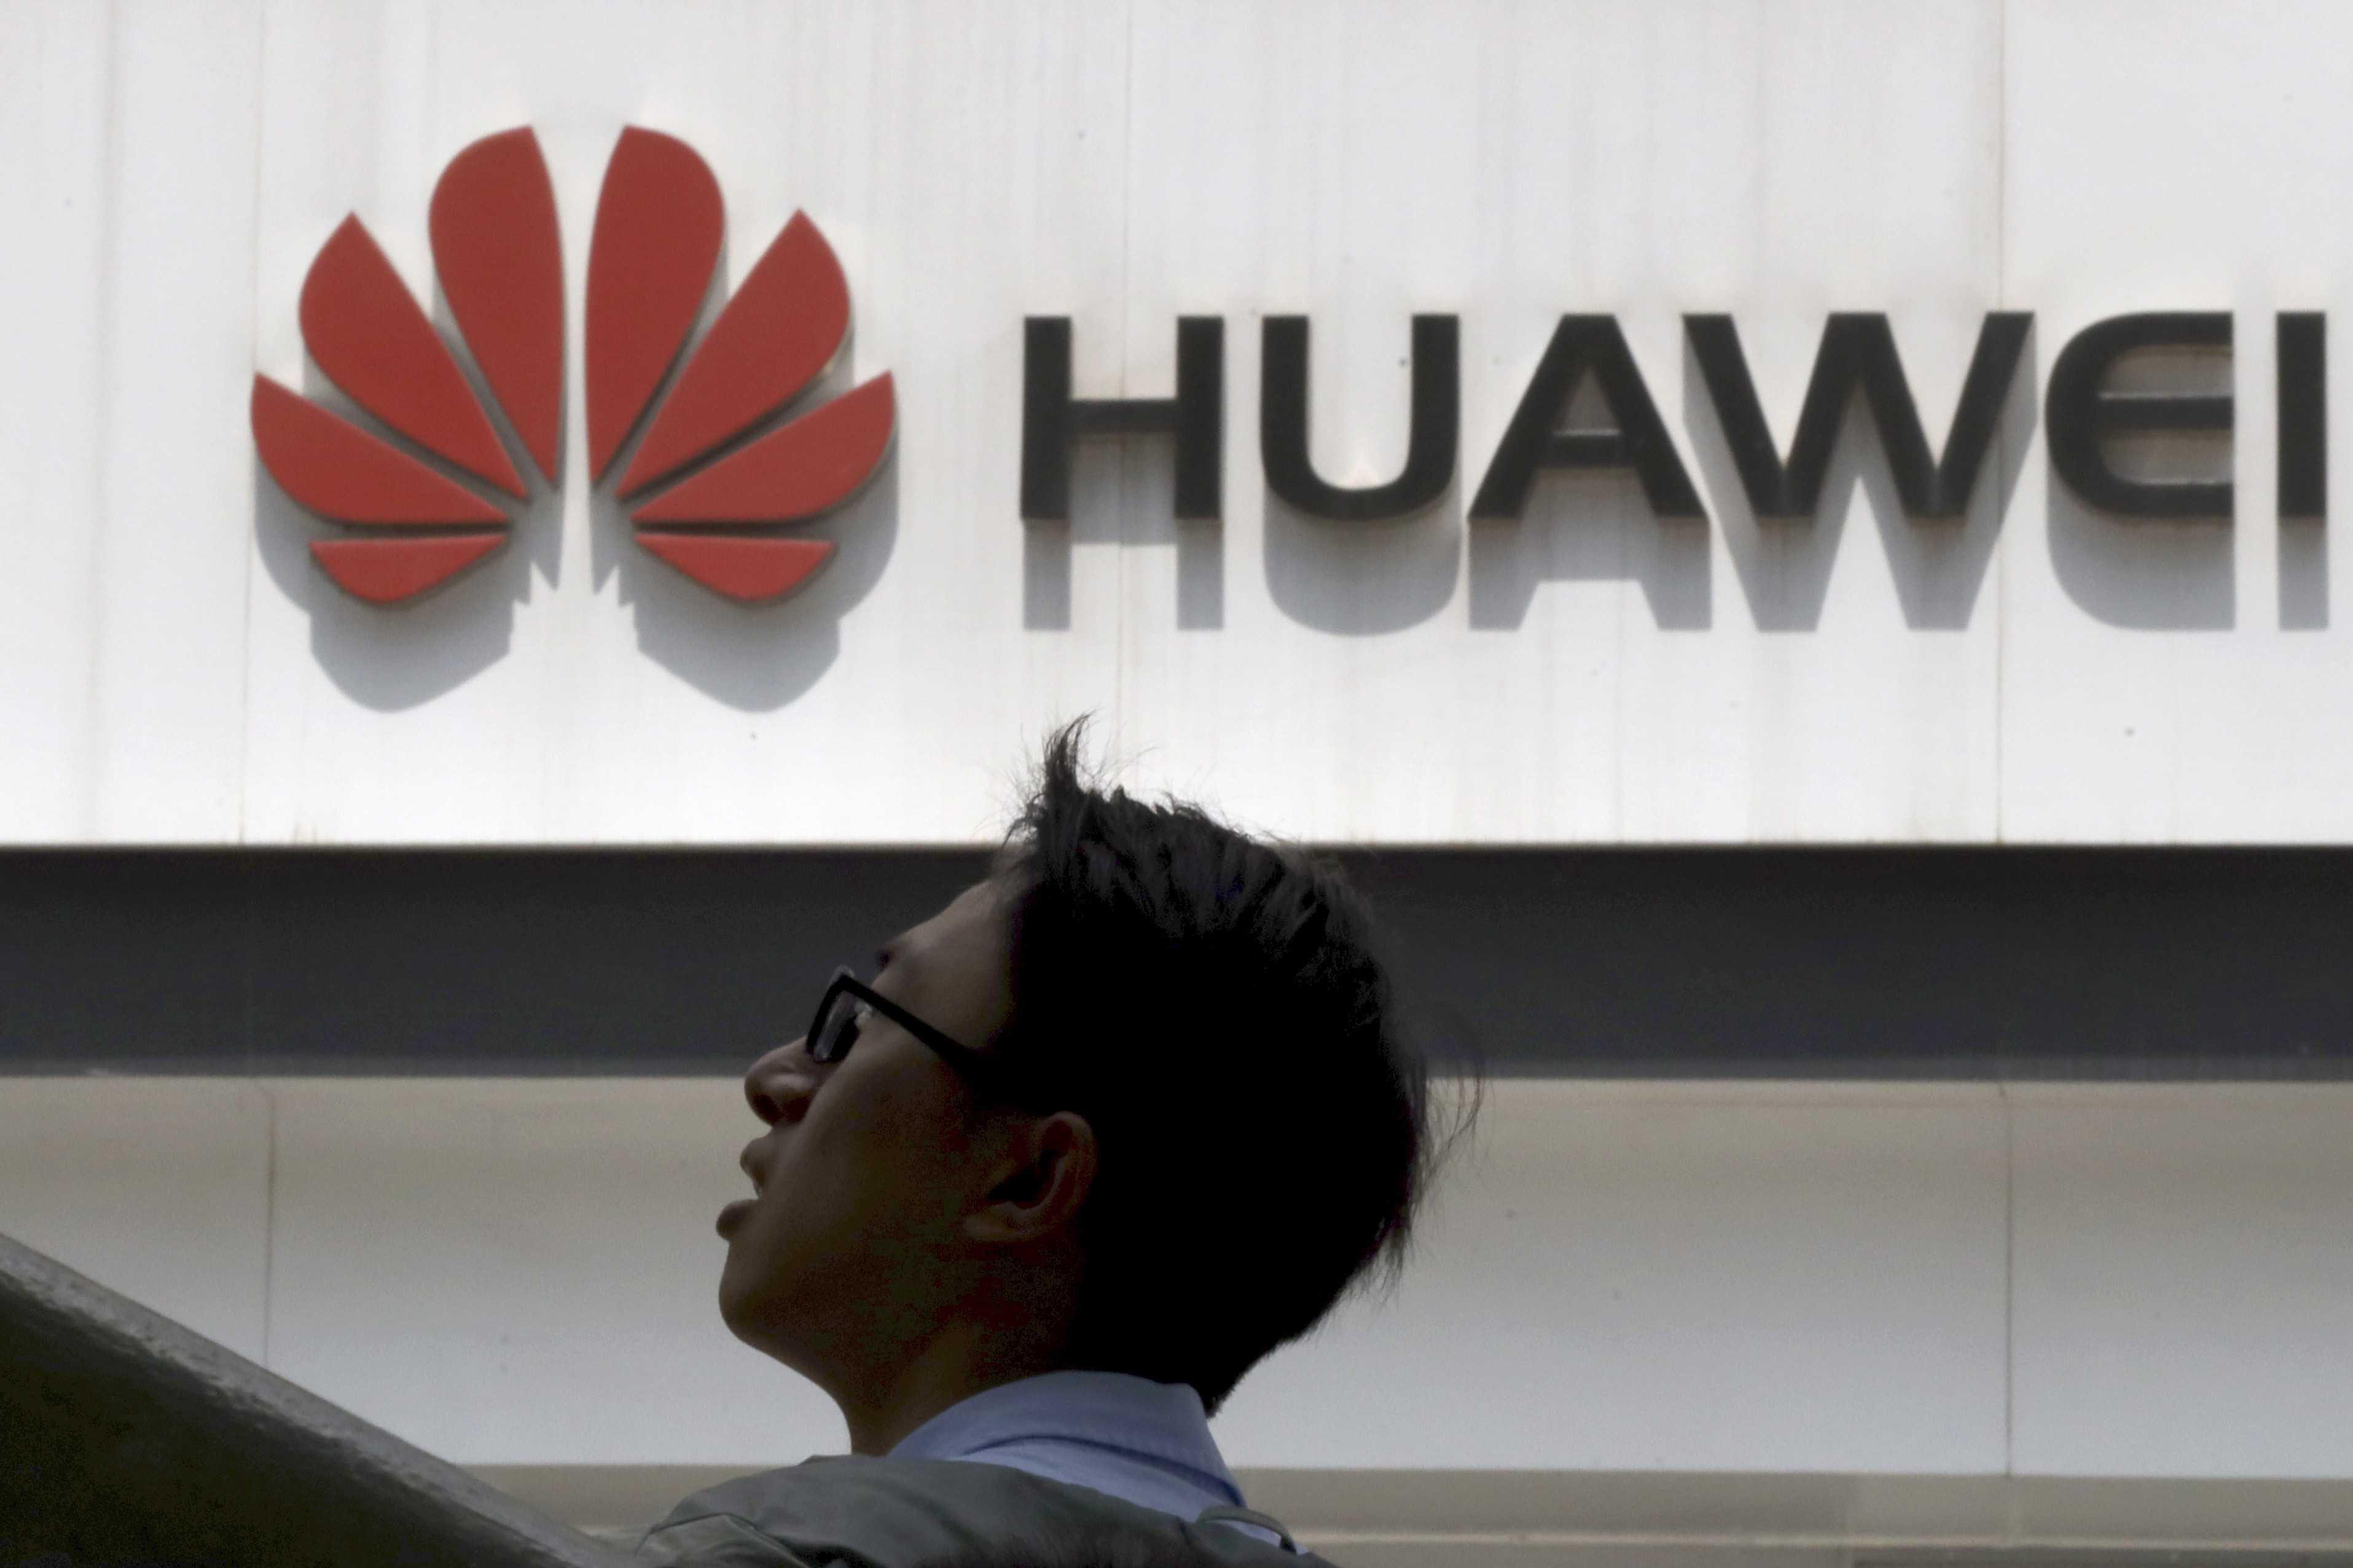 В связи со сложившимися обстоятельствами компания Huawei оказалась не в лучшей ситуации Невзирая на это суббренду удалось представить новые флагманы на территории